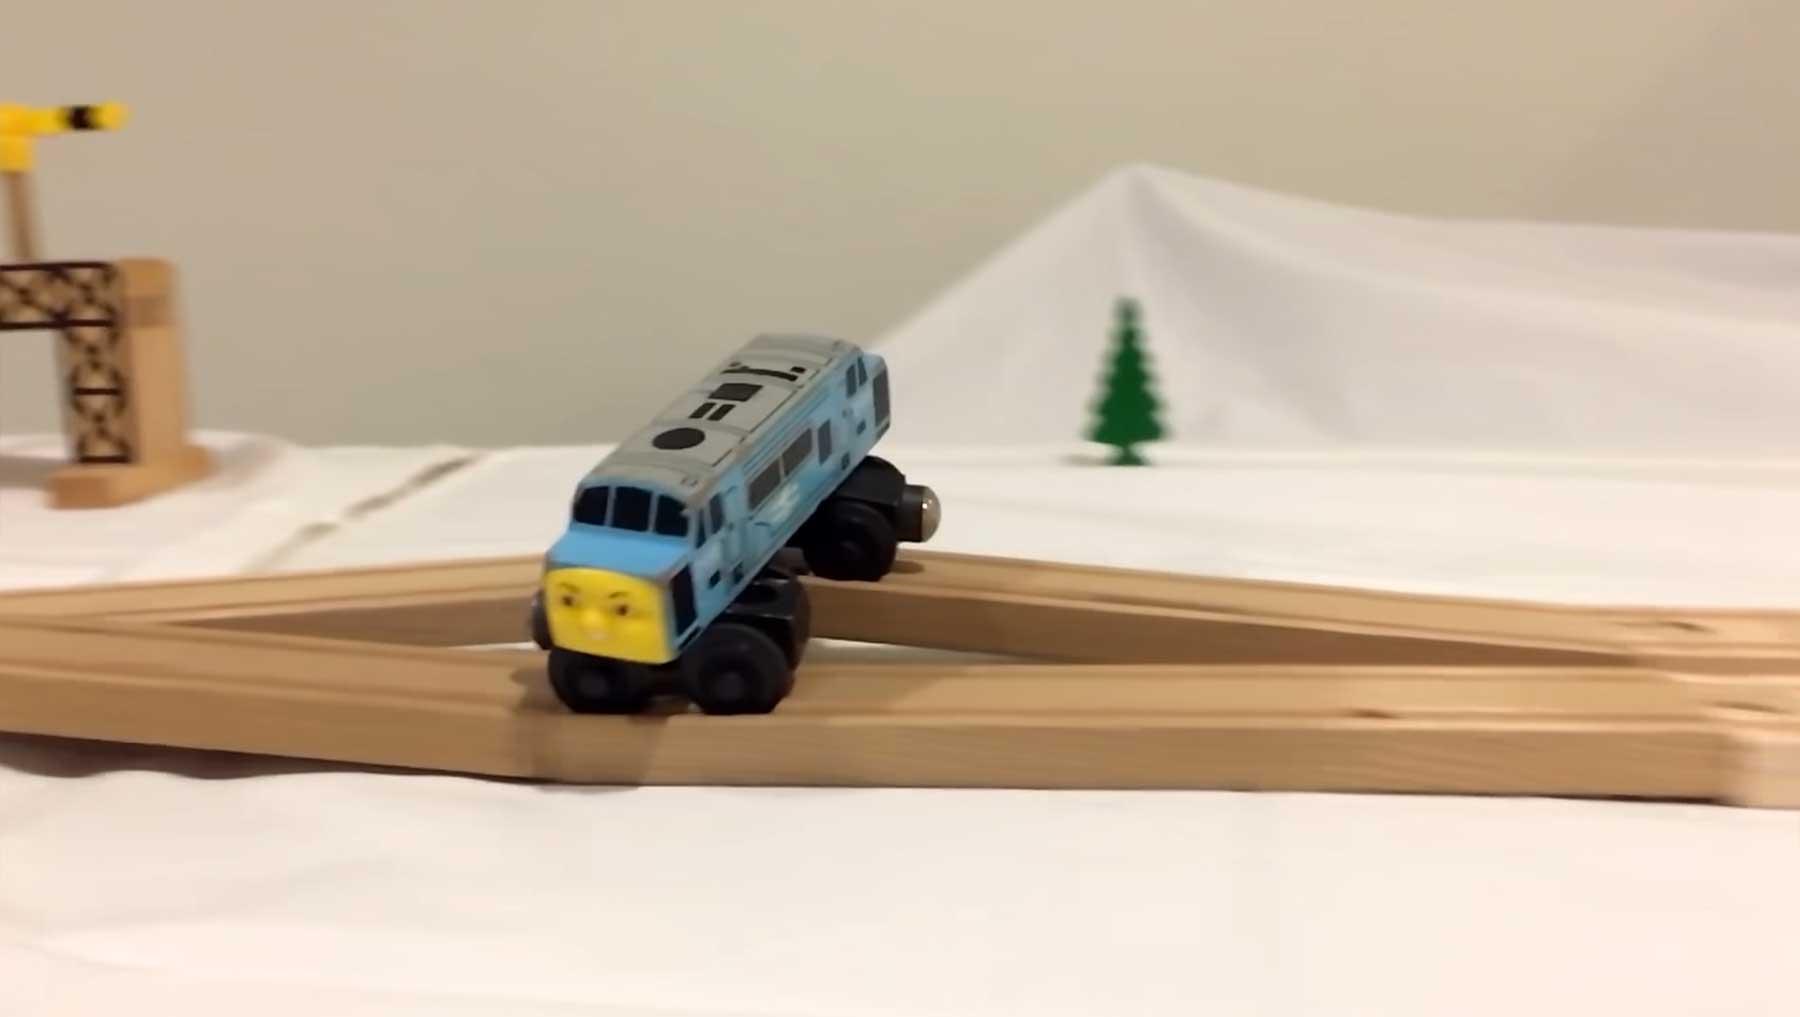 Coole Stunts mit der Holzeisenbahn